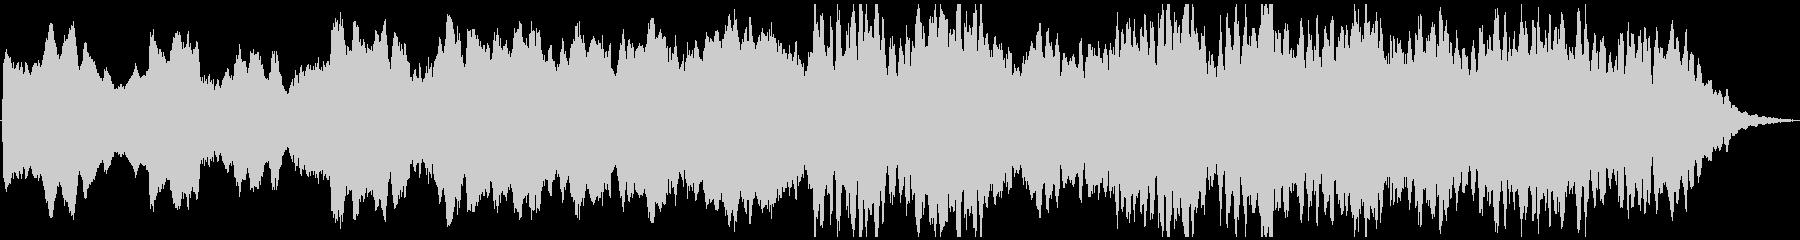 PADS ダークマター01の未再生の波形